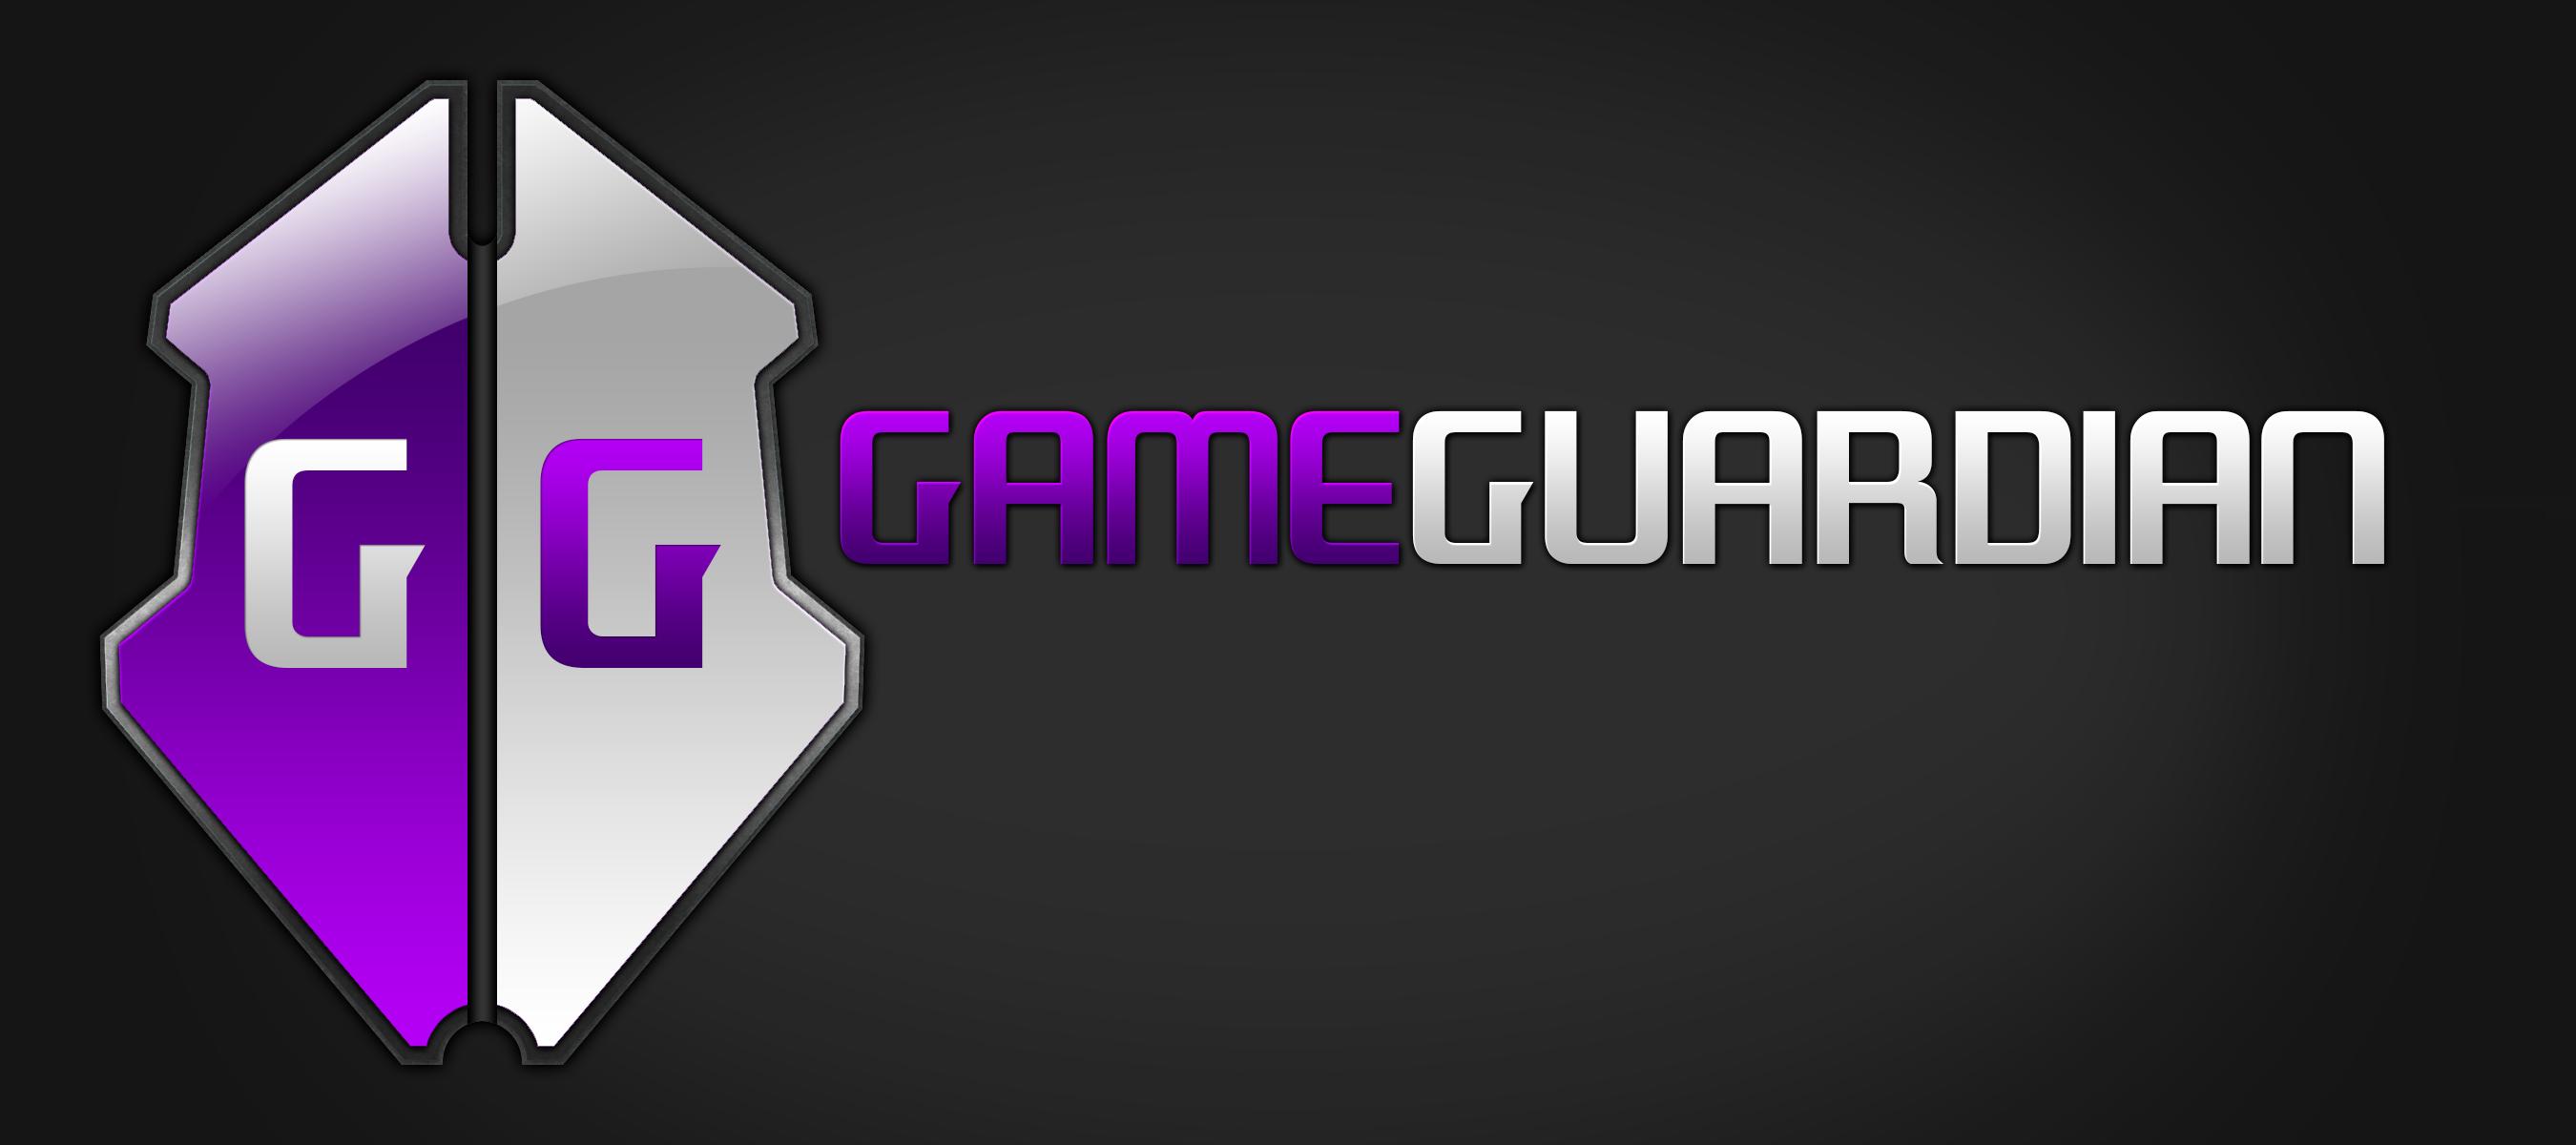 game gaurdian apk free download